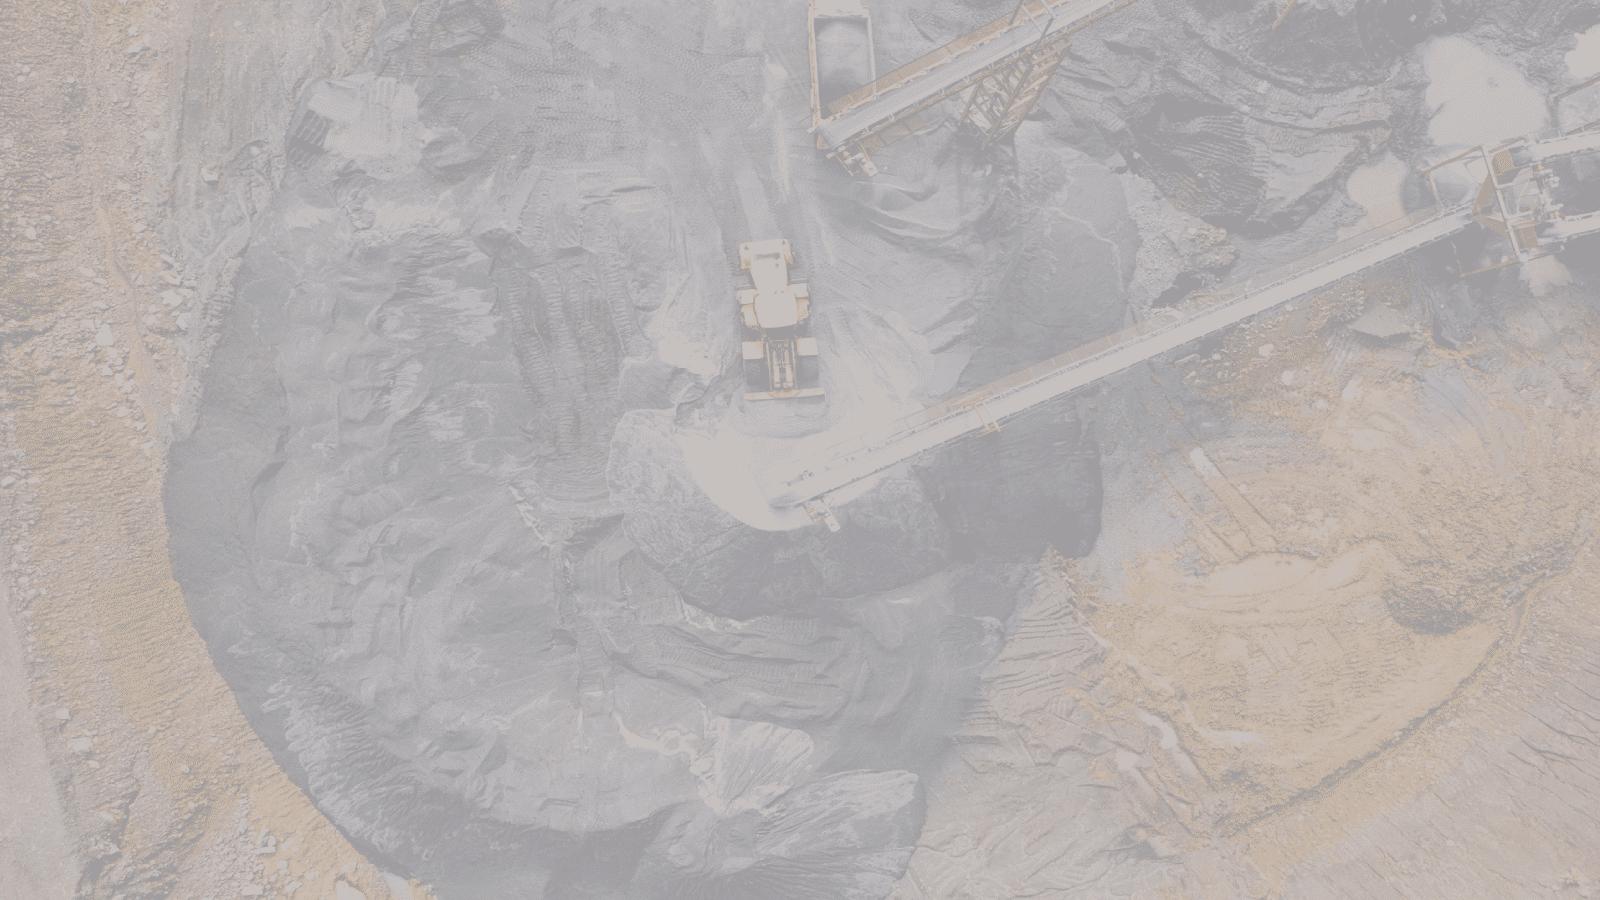 Zeolite Mine